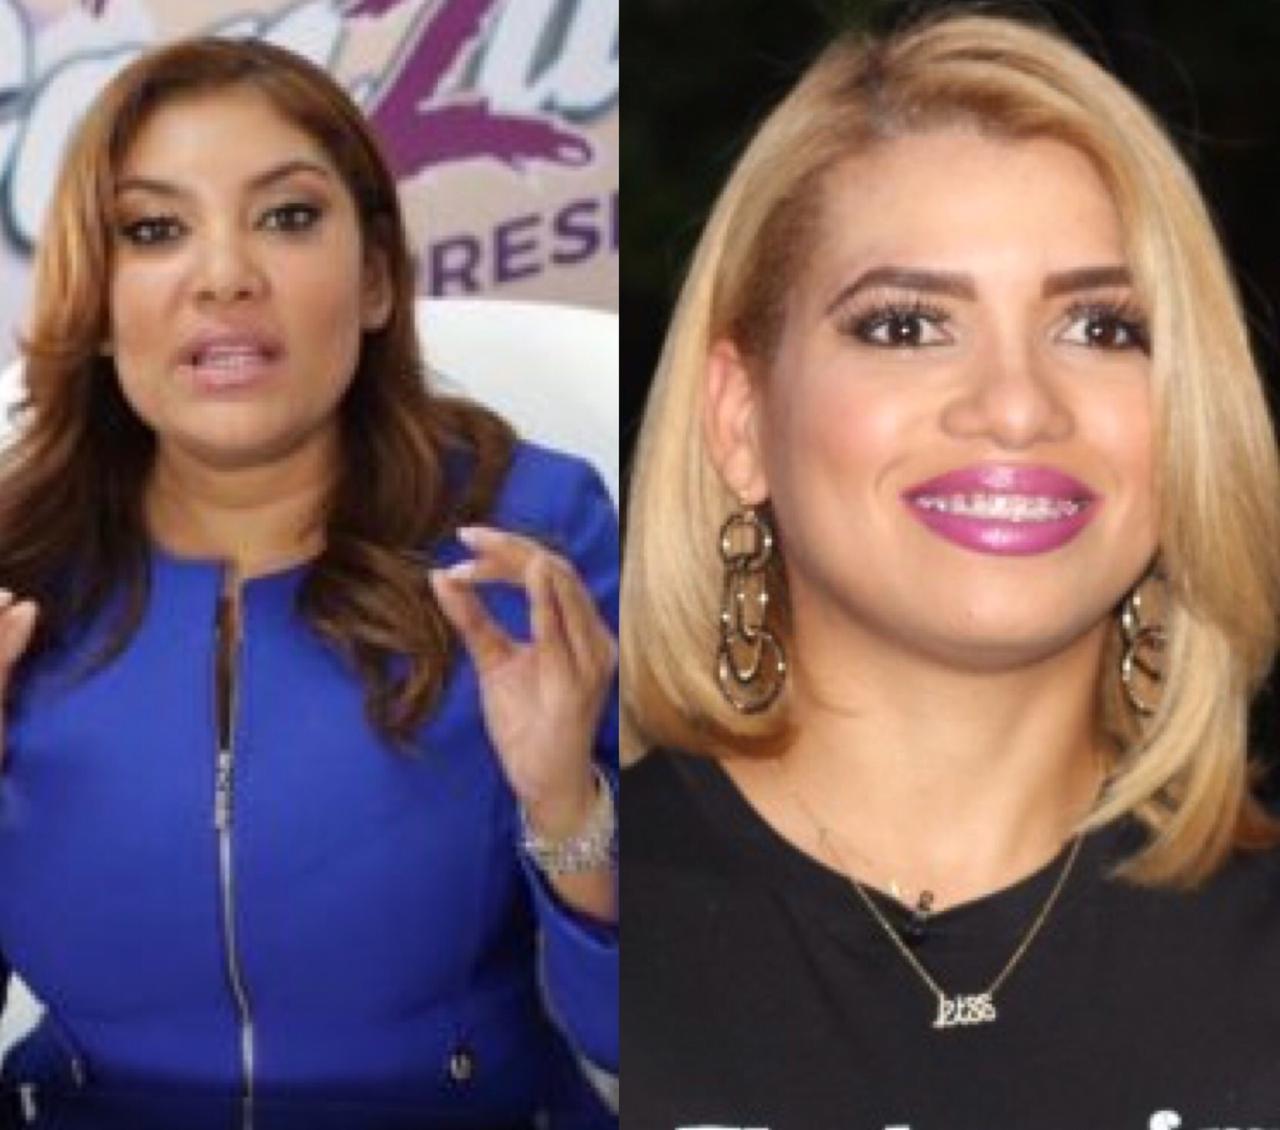 La transición entre Robiamny Balcácer y Kimberly Taveras en la ...